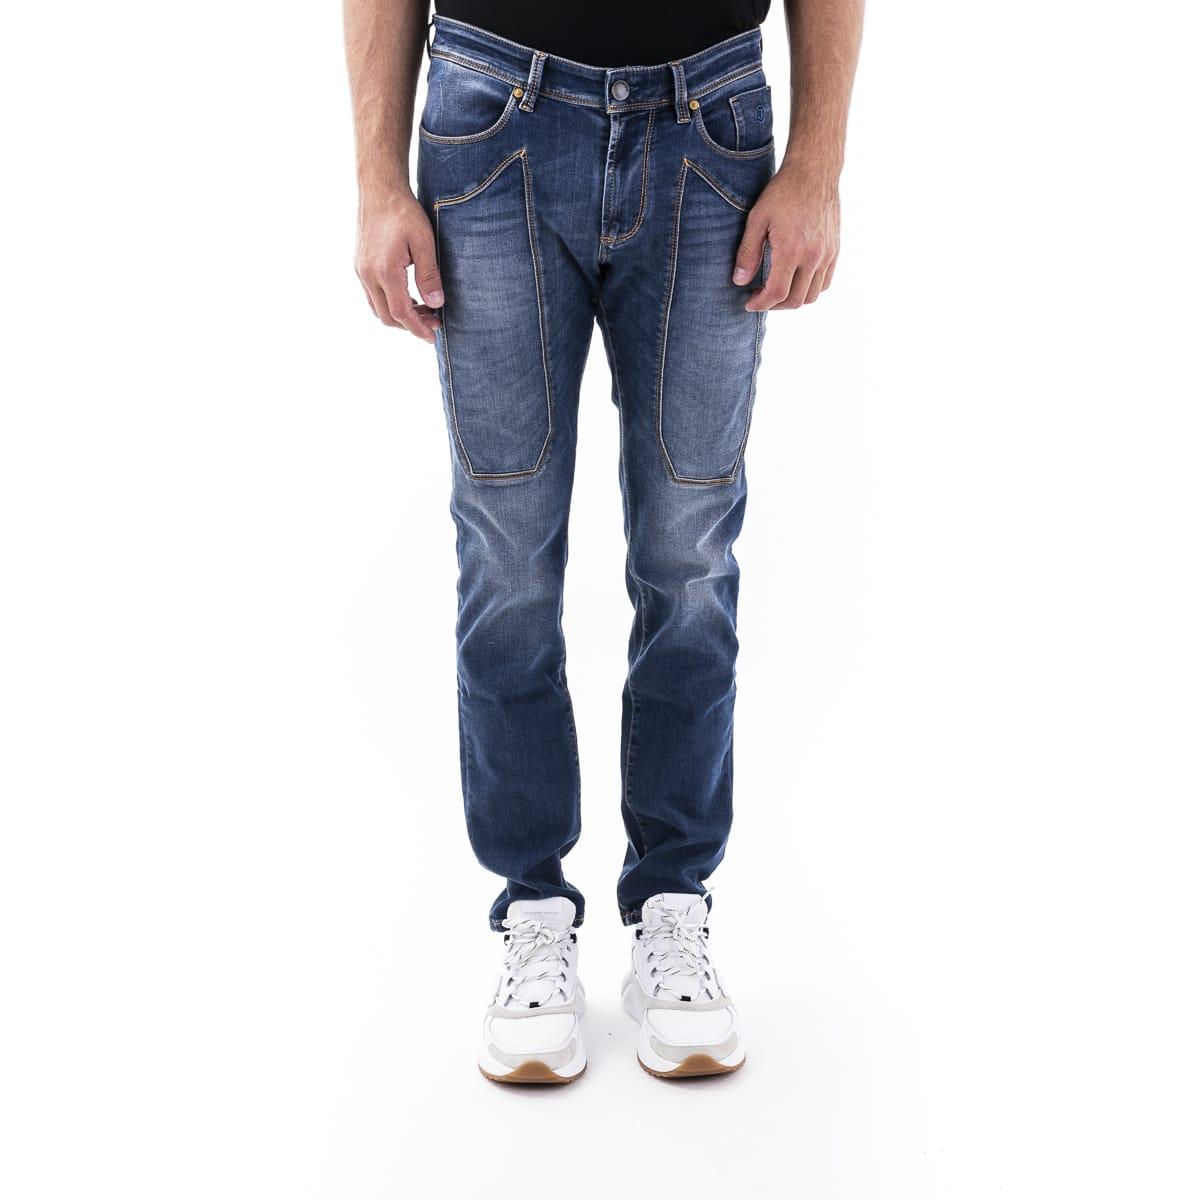 Cotton Blend Jeans Jeckerson